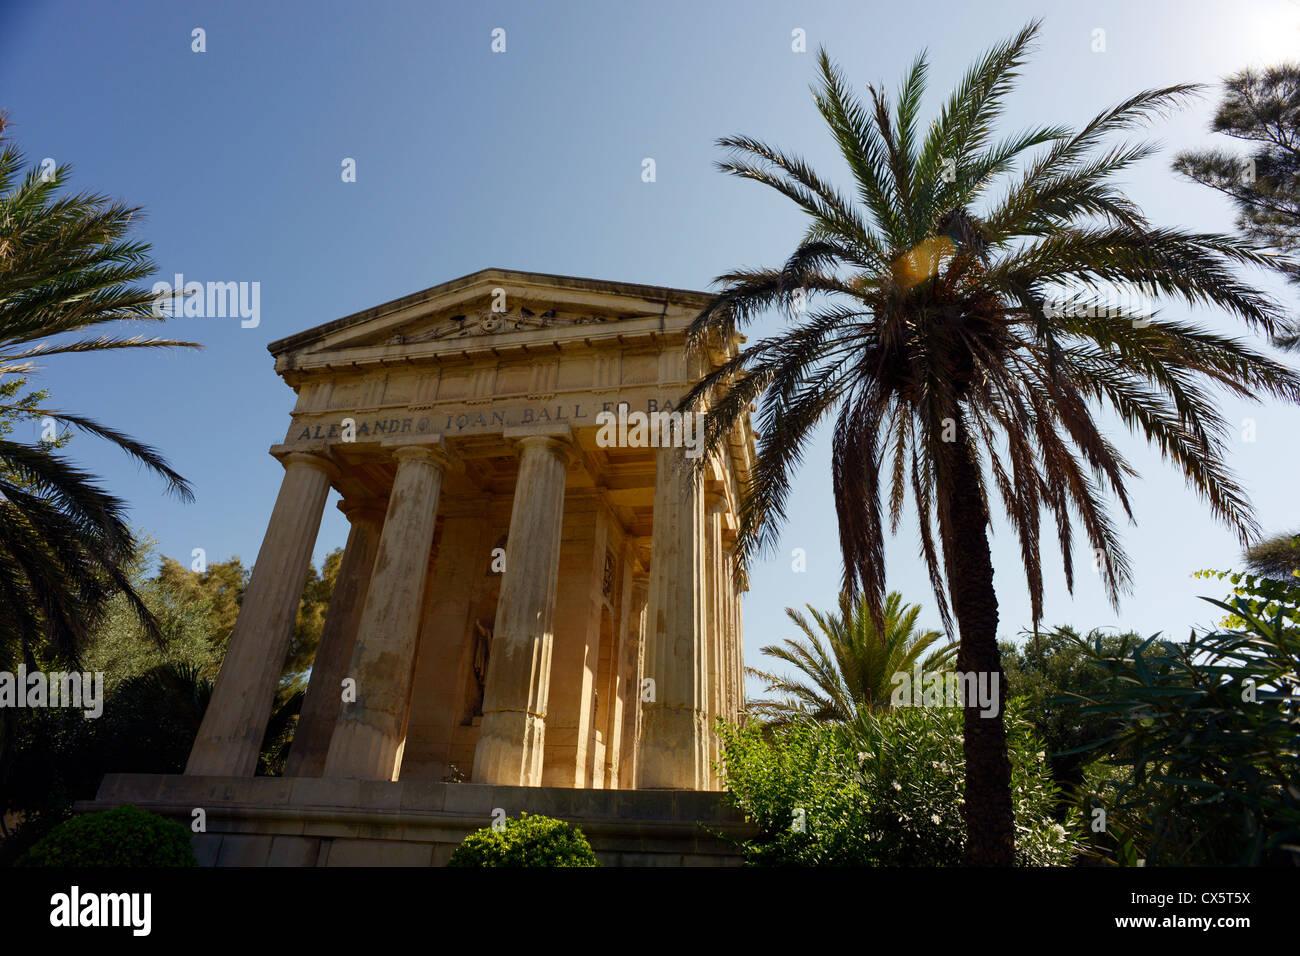 Barrakka gardens, Valletta, Malta - Stock Image